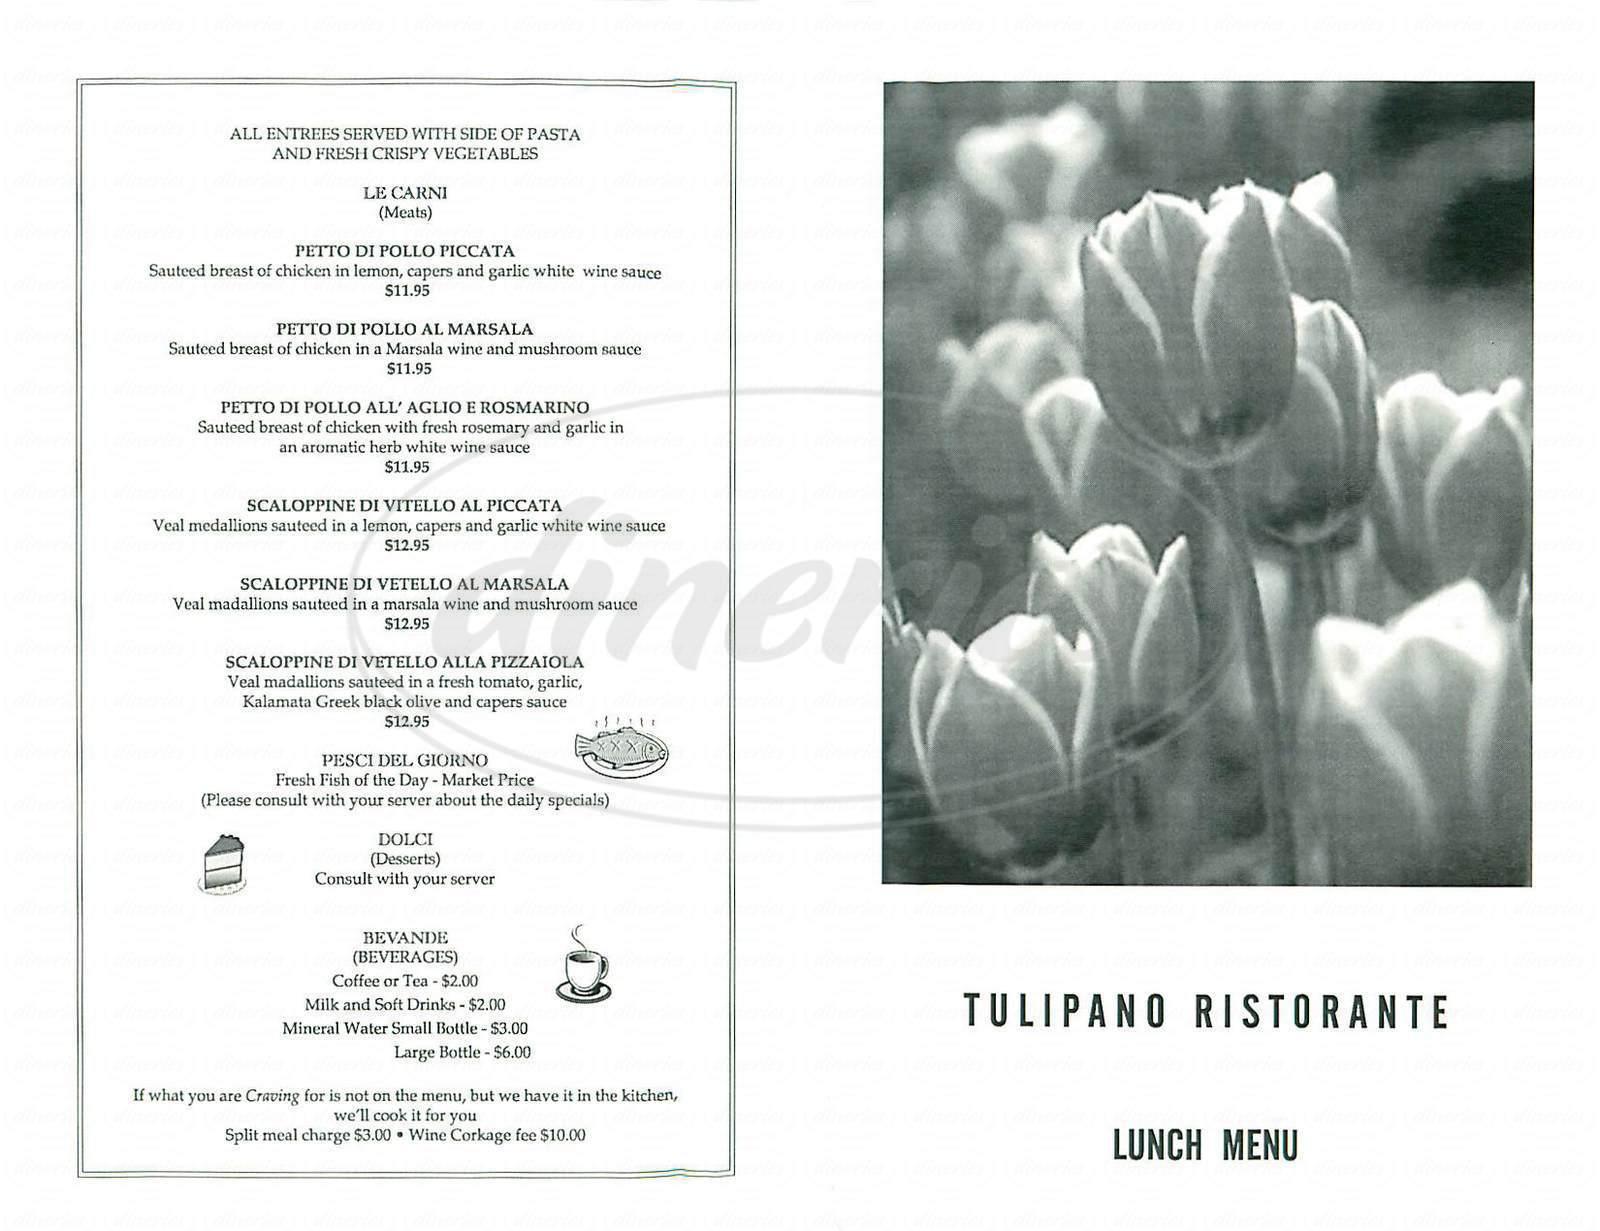 menu for Tulipano Ristorante